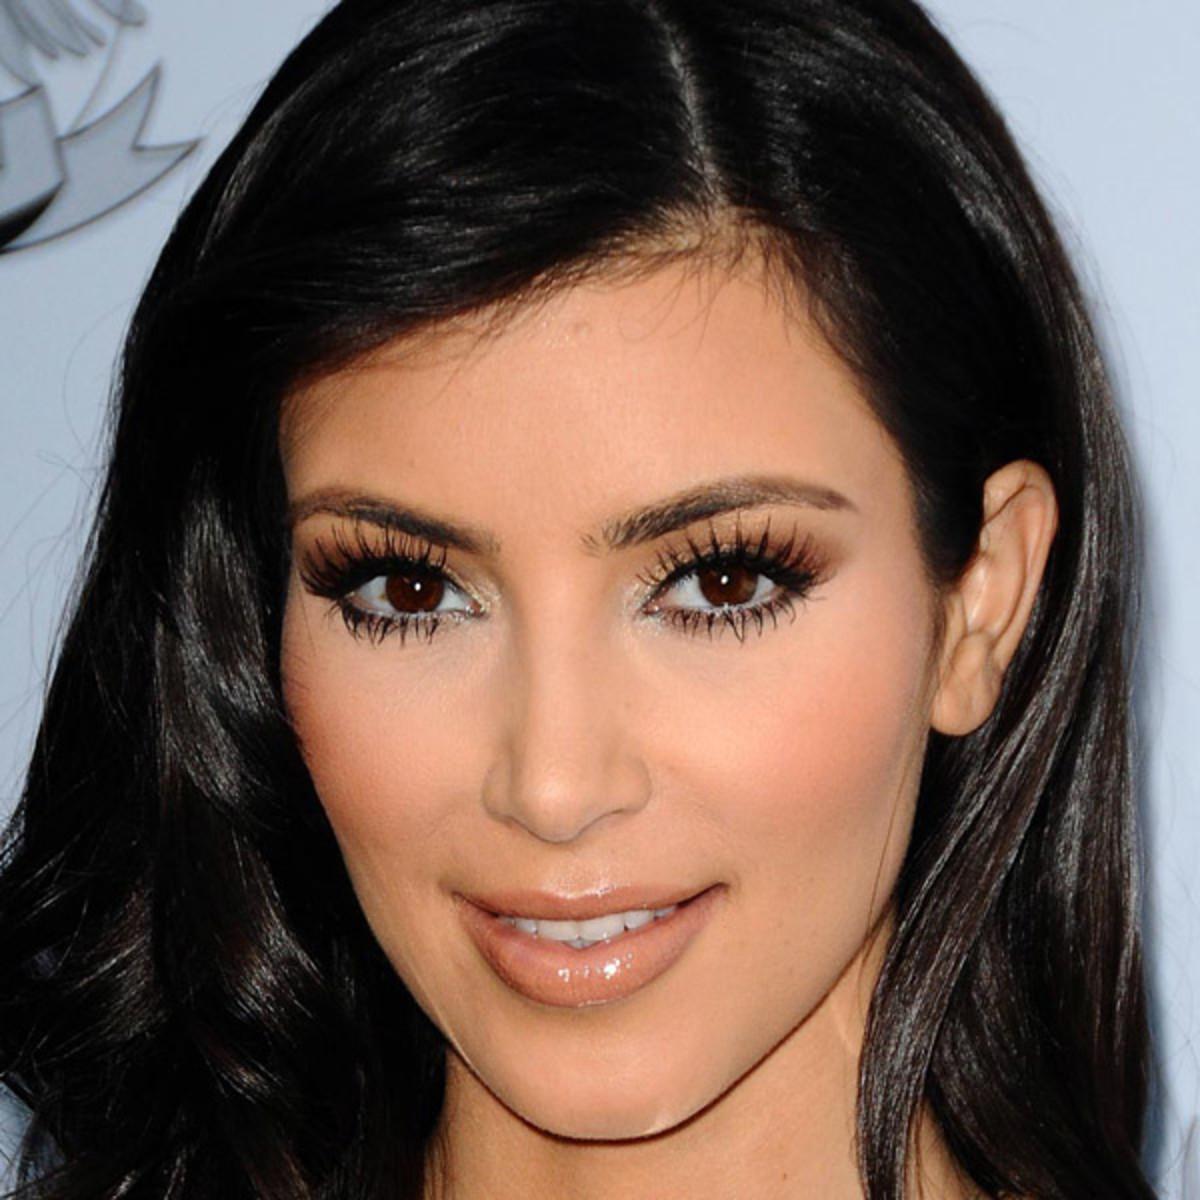 Kim Kardashian lashes